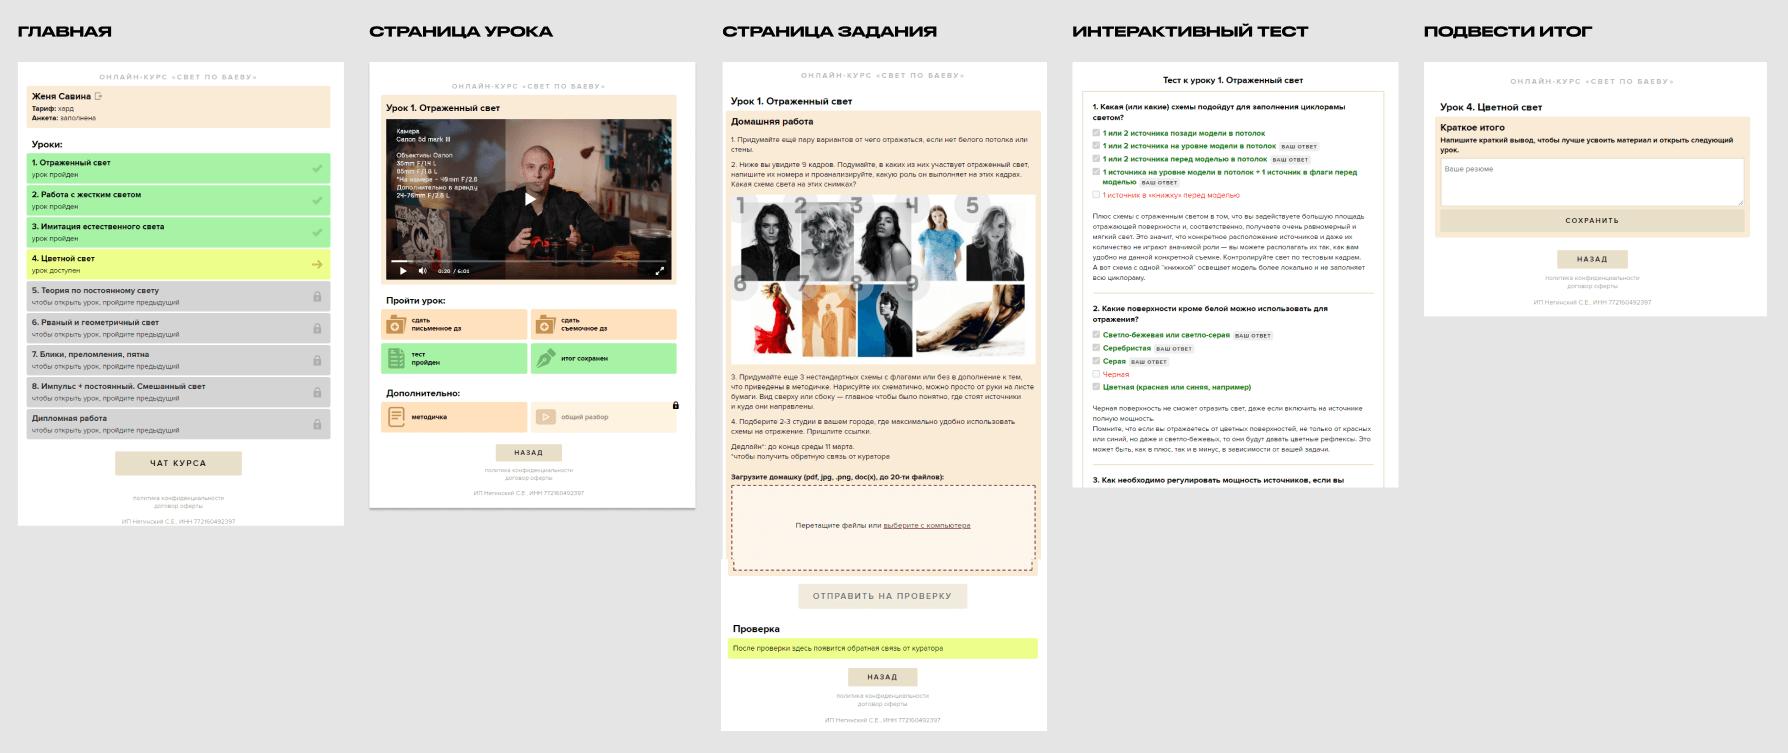 Дизайн личного кабинета для онлайн-курса 2